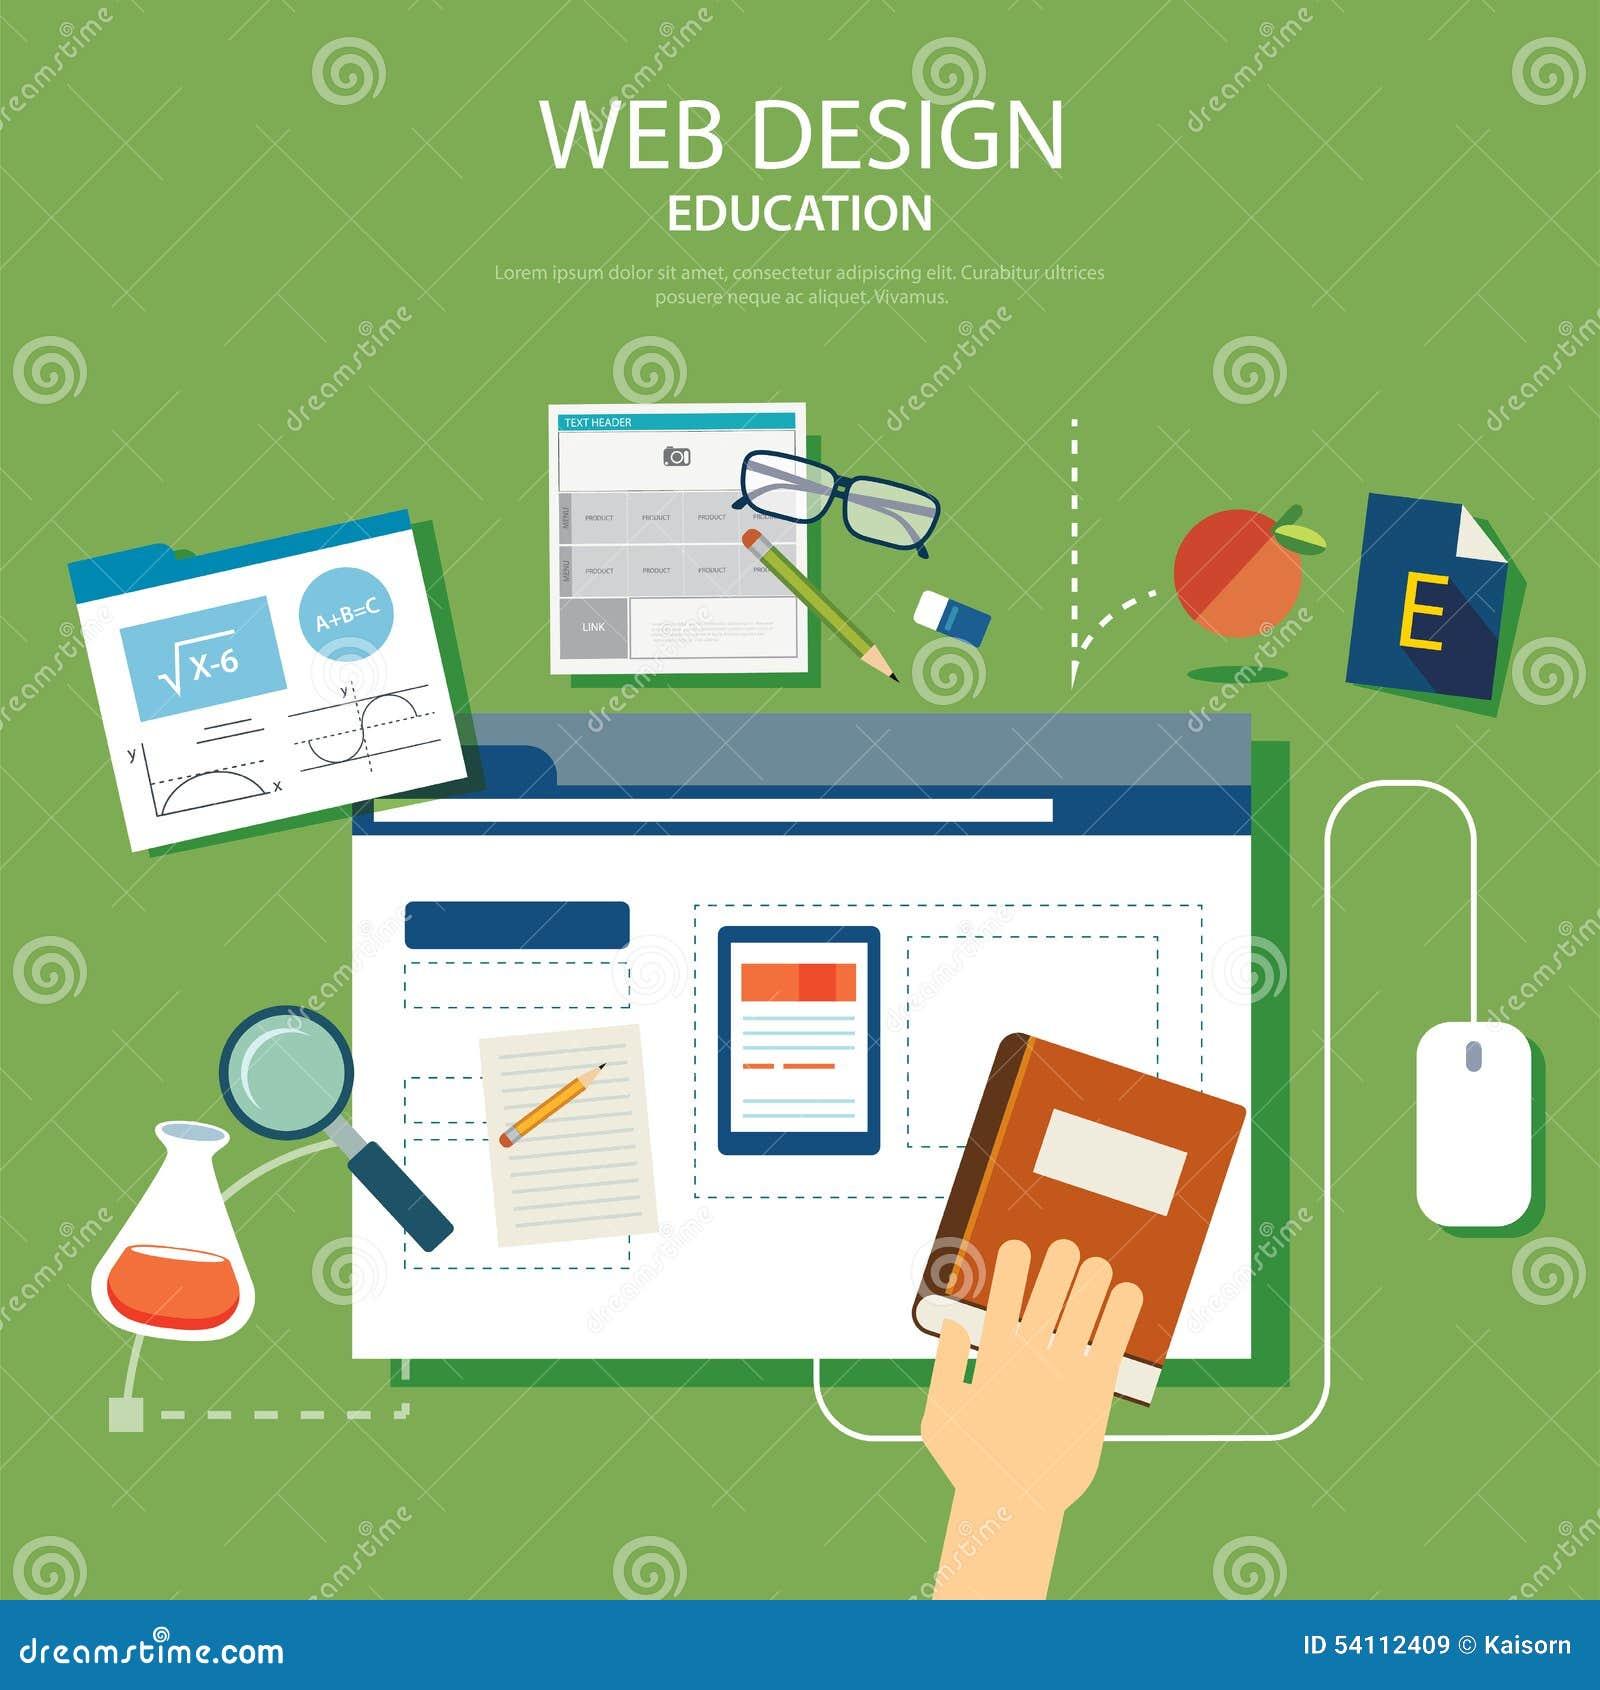 Education website development project design concept